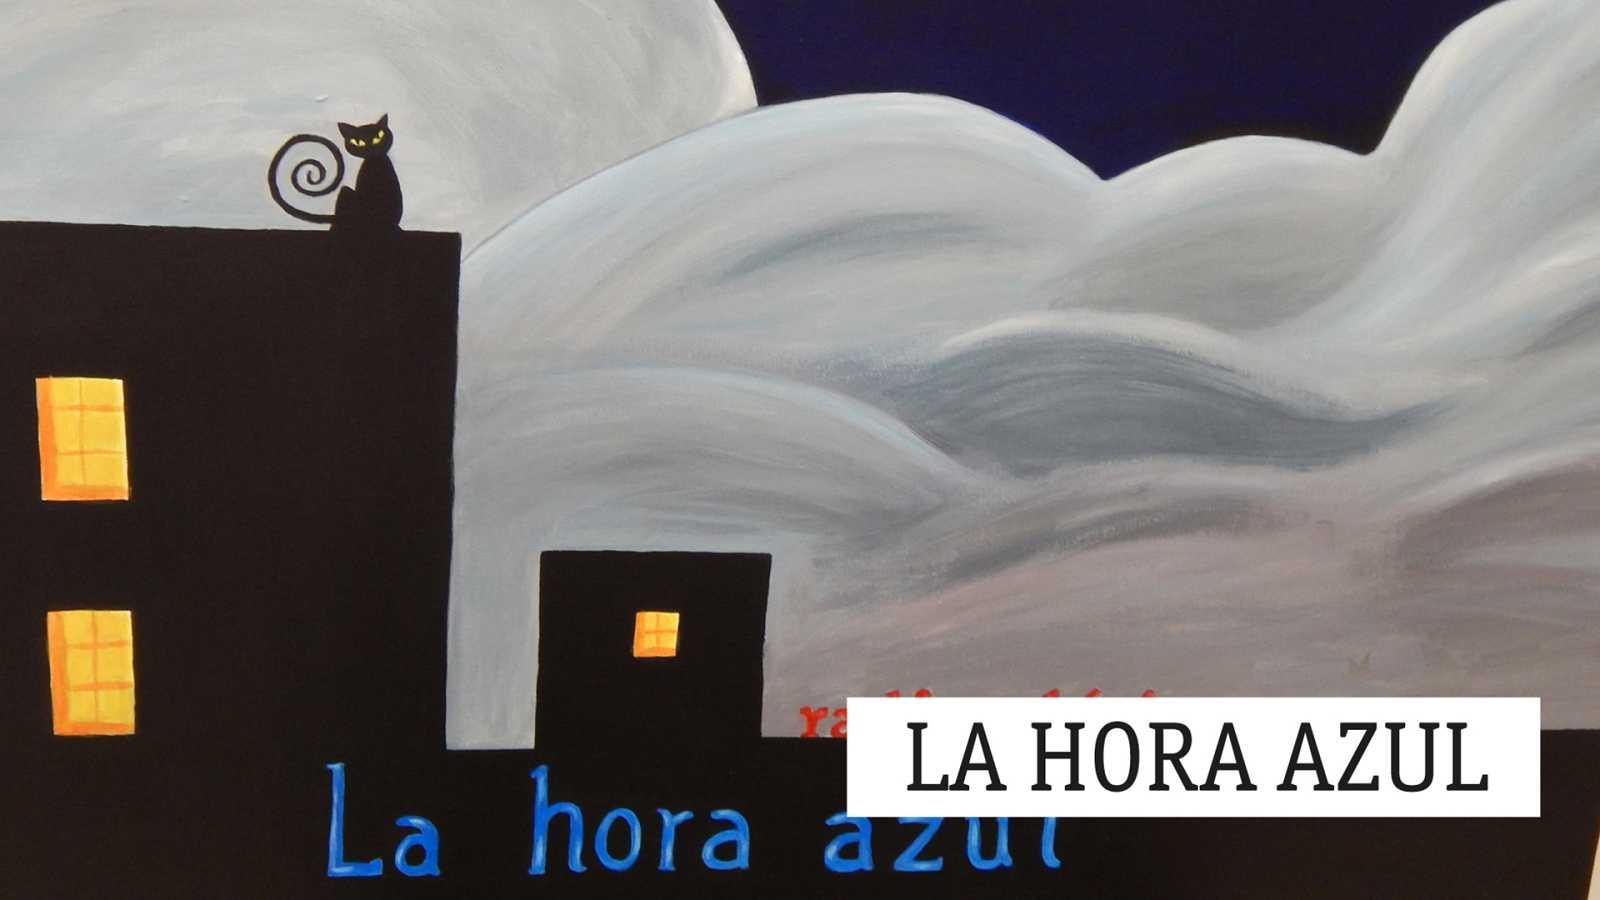 La hora azul - El culmen de la alegría/ actualidad - 30/04/21 - escuchar ahora